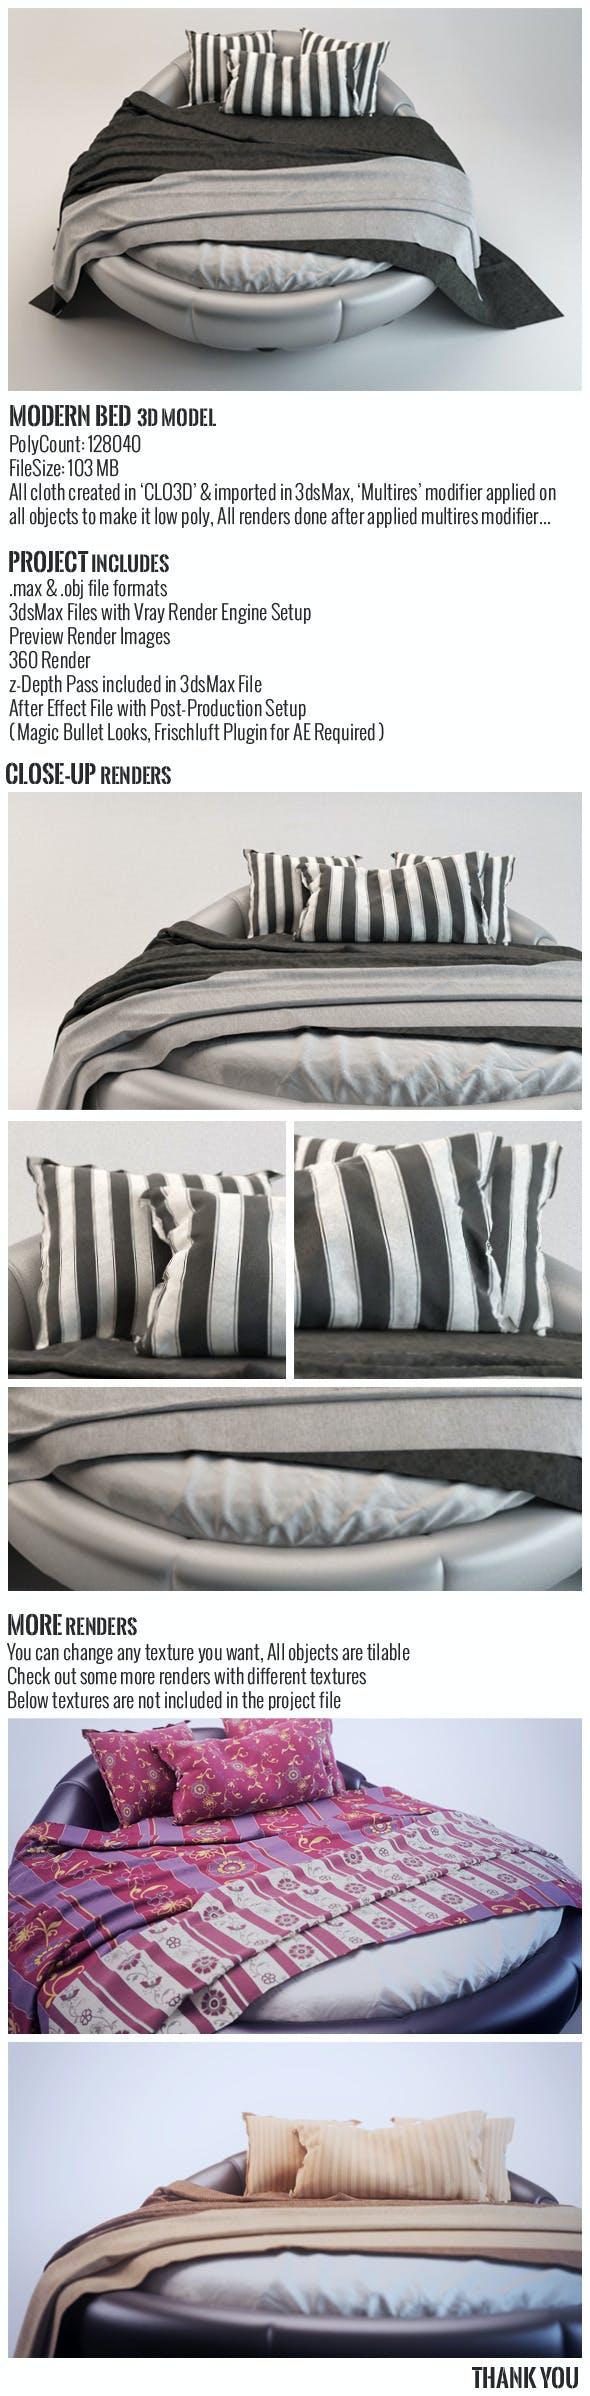 Modern Bed 3D Model - 3DOcean Item for Sale